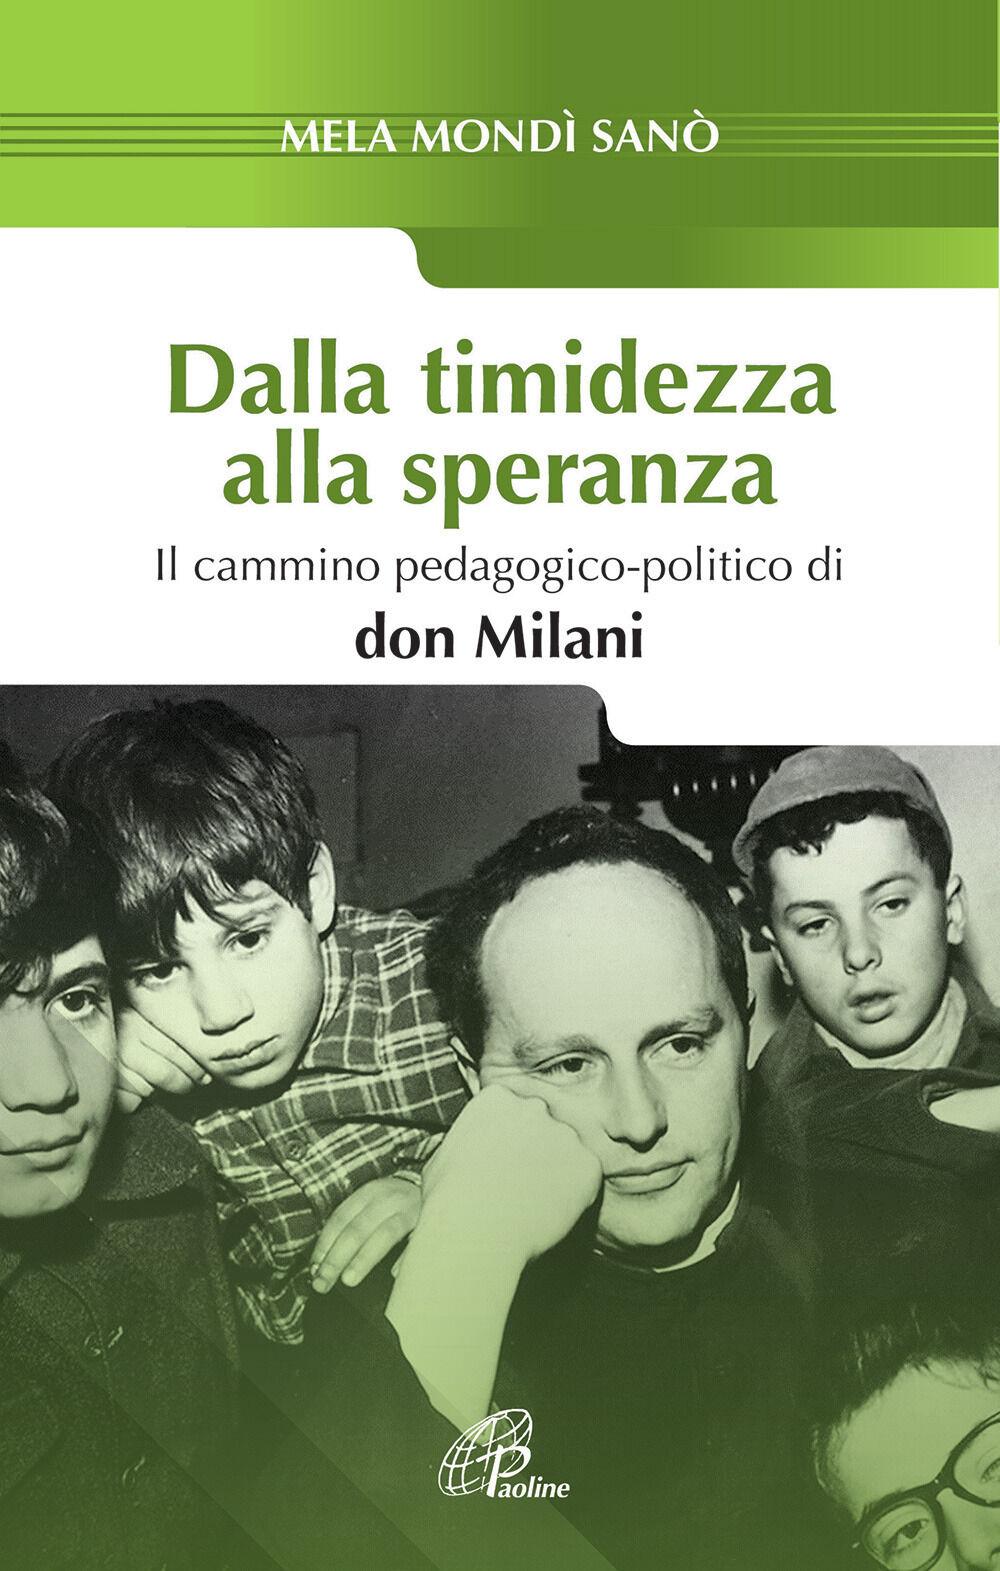 Dalla timidezza alla speranza. Il cammino pedagogico-politico di Don Milani